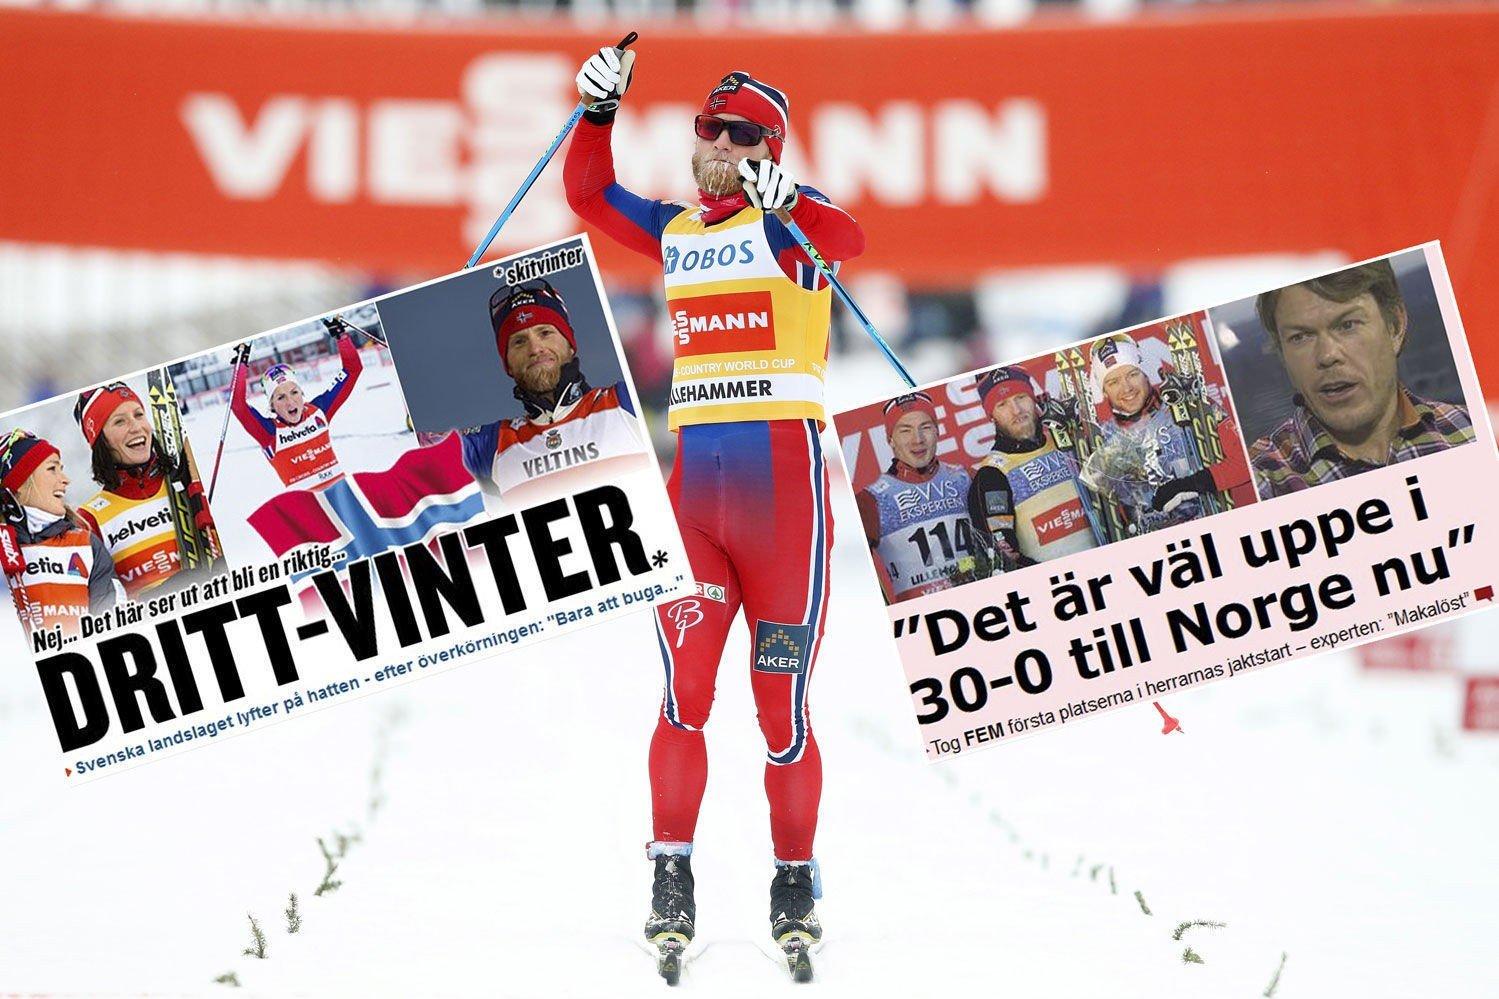 NORSK JUBEL: De svenske avisene er ikke i topphumør etter at de norske langrennsløperne gjorde rent bord under verdenscuphelgen på Lillehammer.